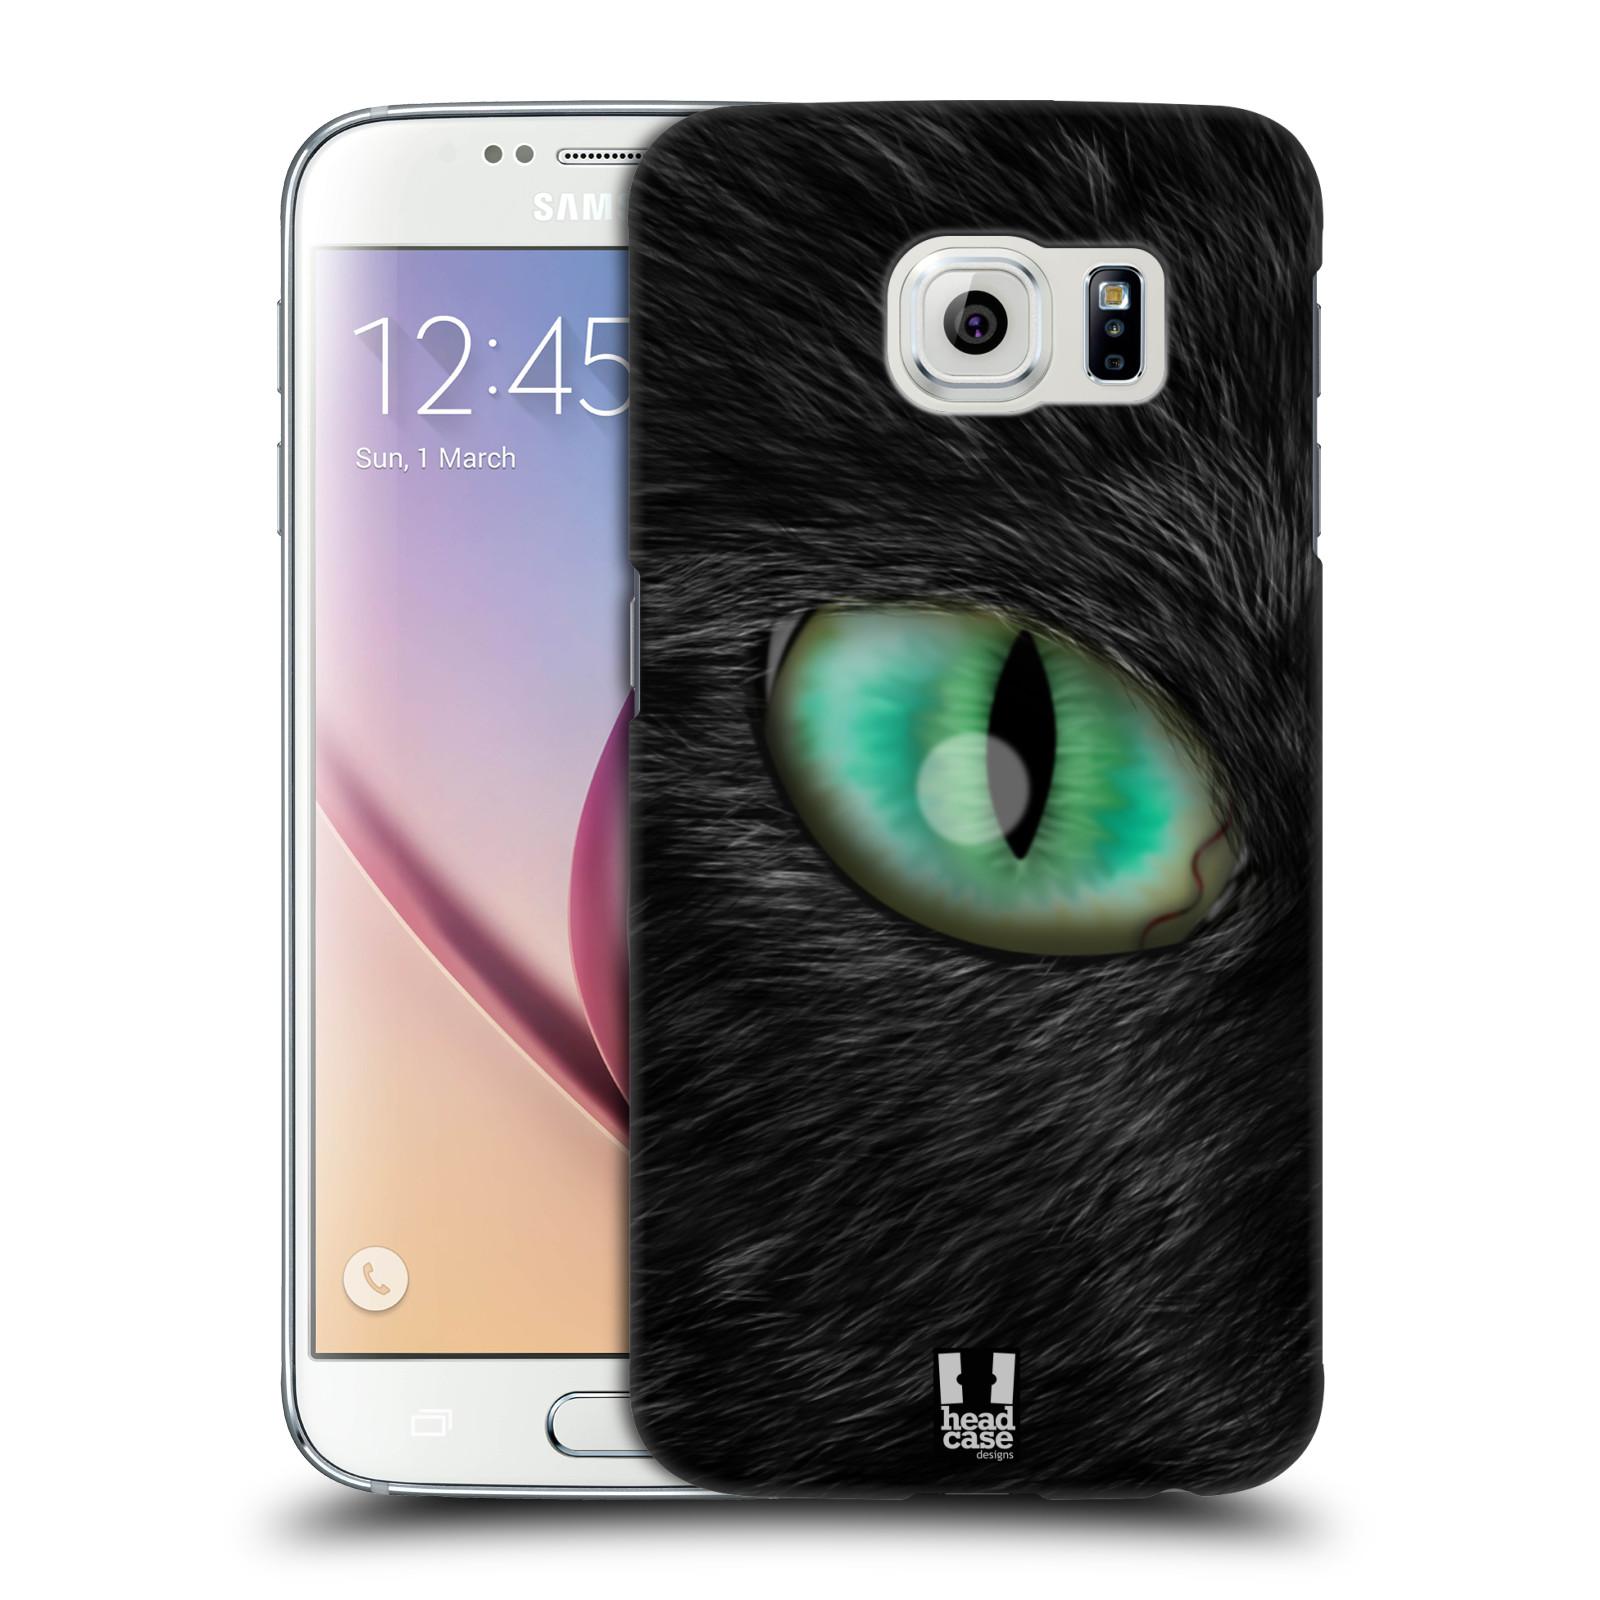 HEAD CASE plastový obal na mobil SAMSUNG Galaxy S6 (G9200, G920F) vzor pohled zvířete oko kočka